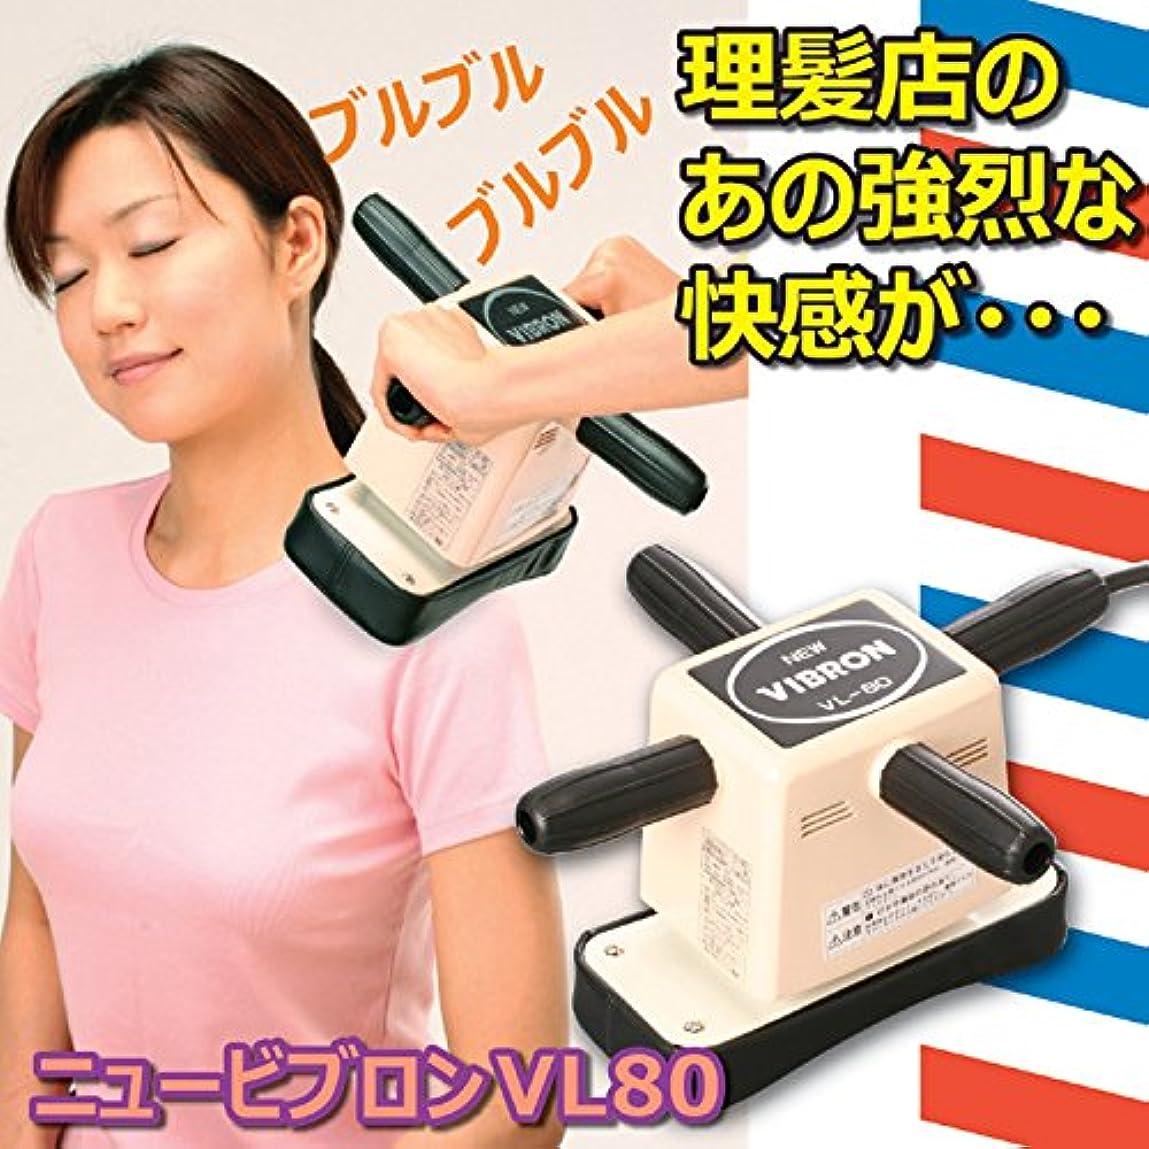 マーティフィールディングジャズ注ぎます理髪店の「サービス」でもおなじみの! 家庭用電気マッサージ器ニュービブロン 870070